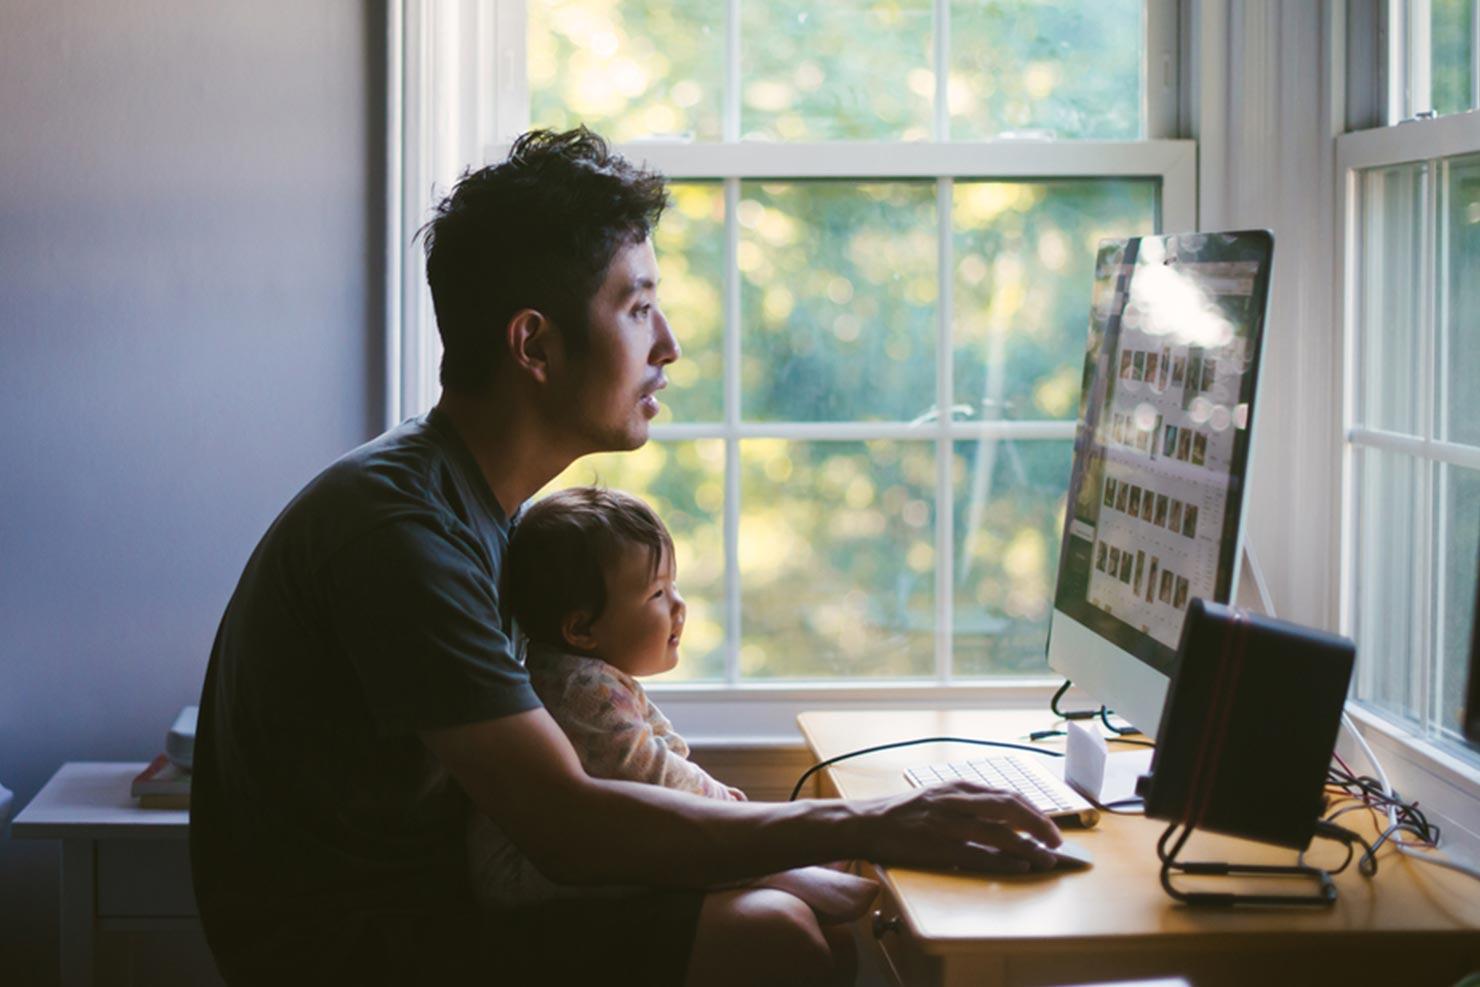 Jovem pai com bebê no colo trabalhando em um monitor de computador